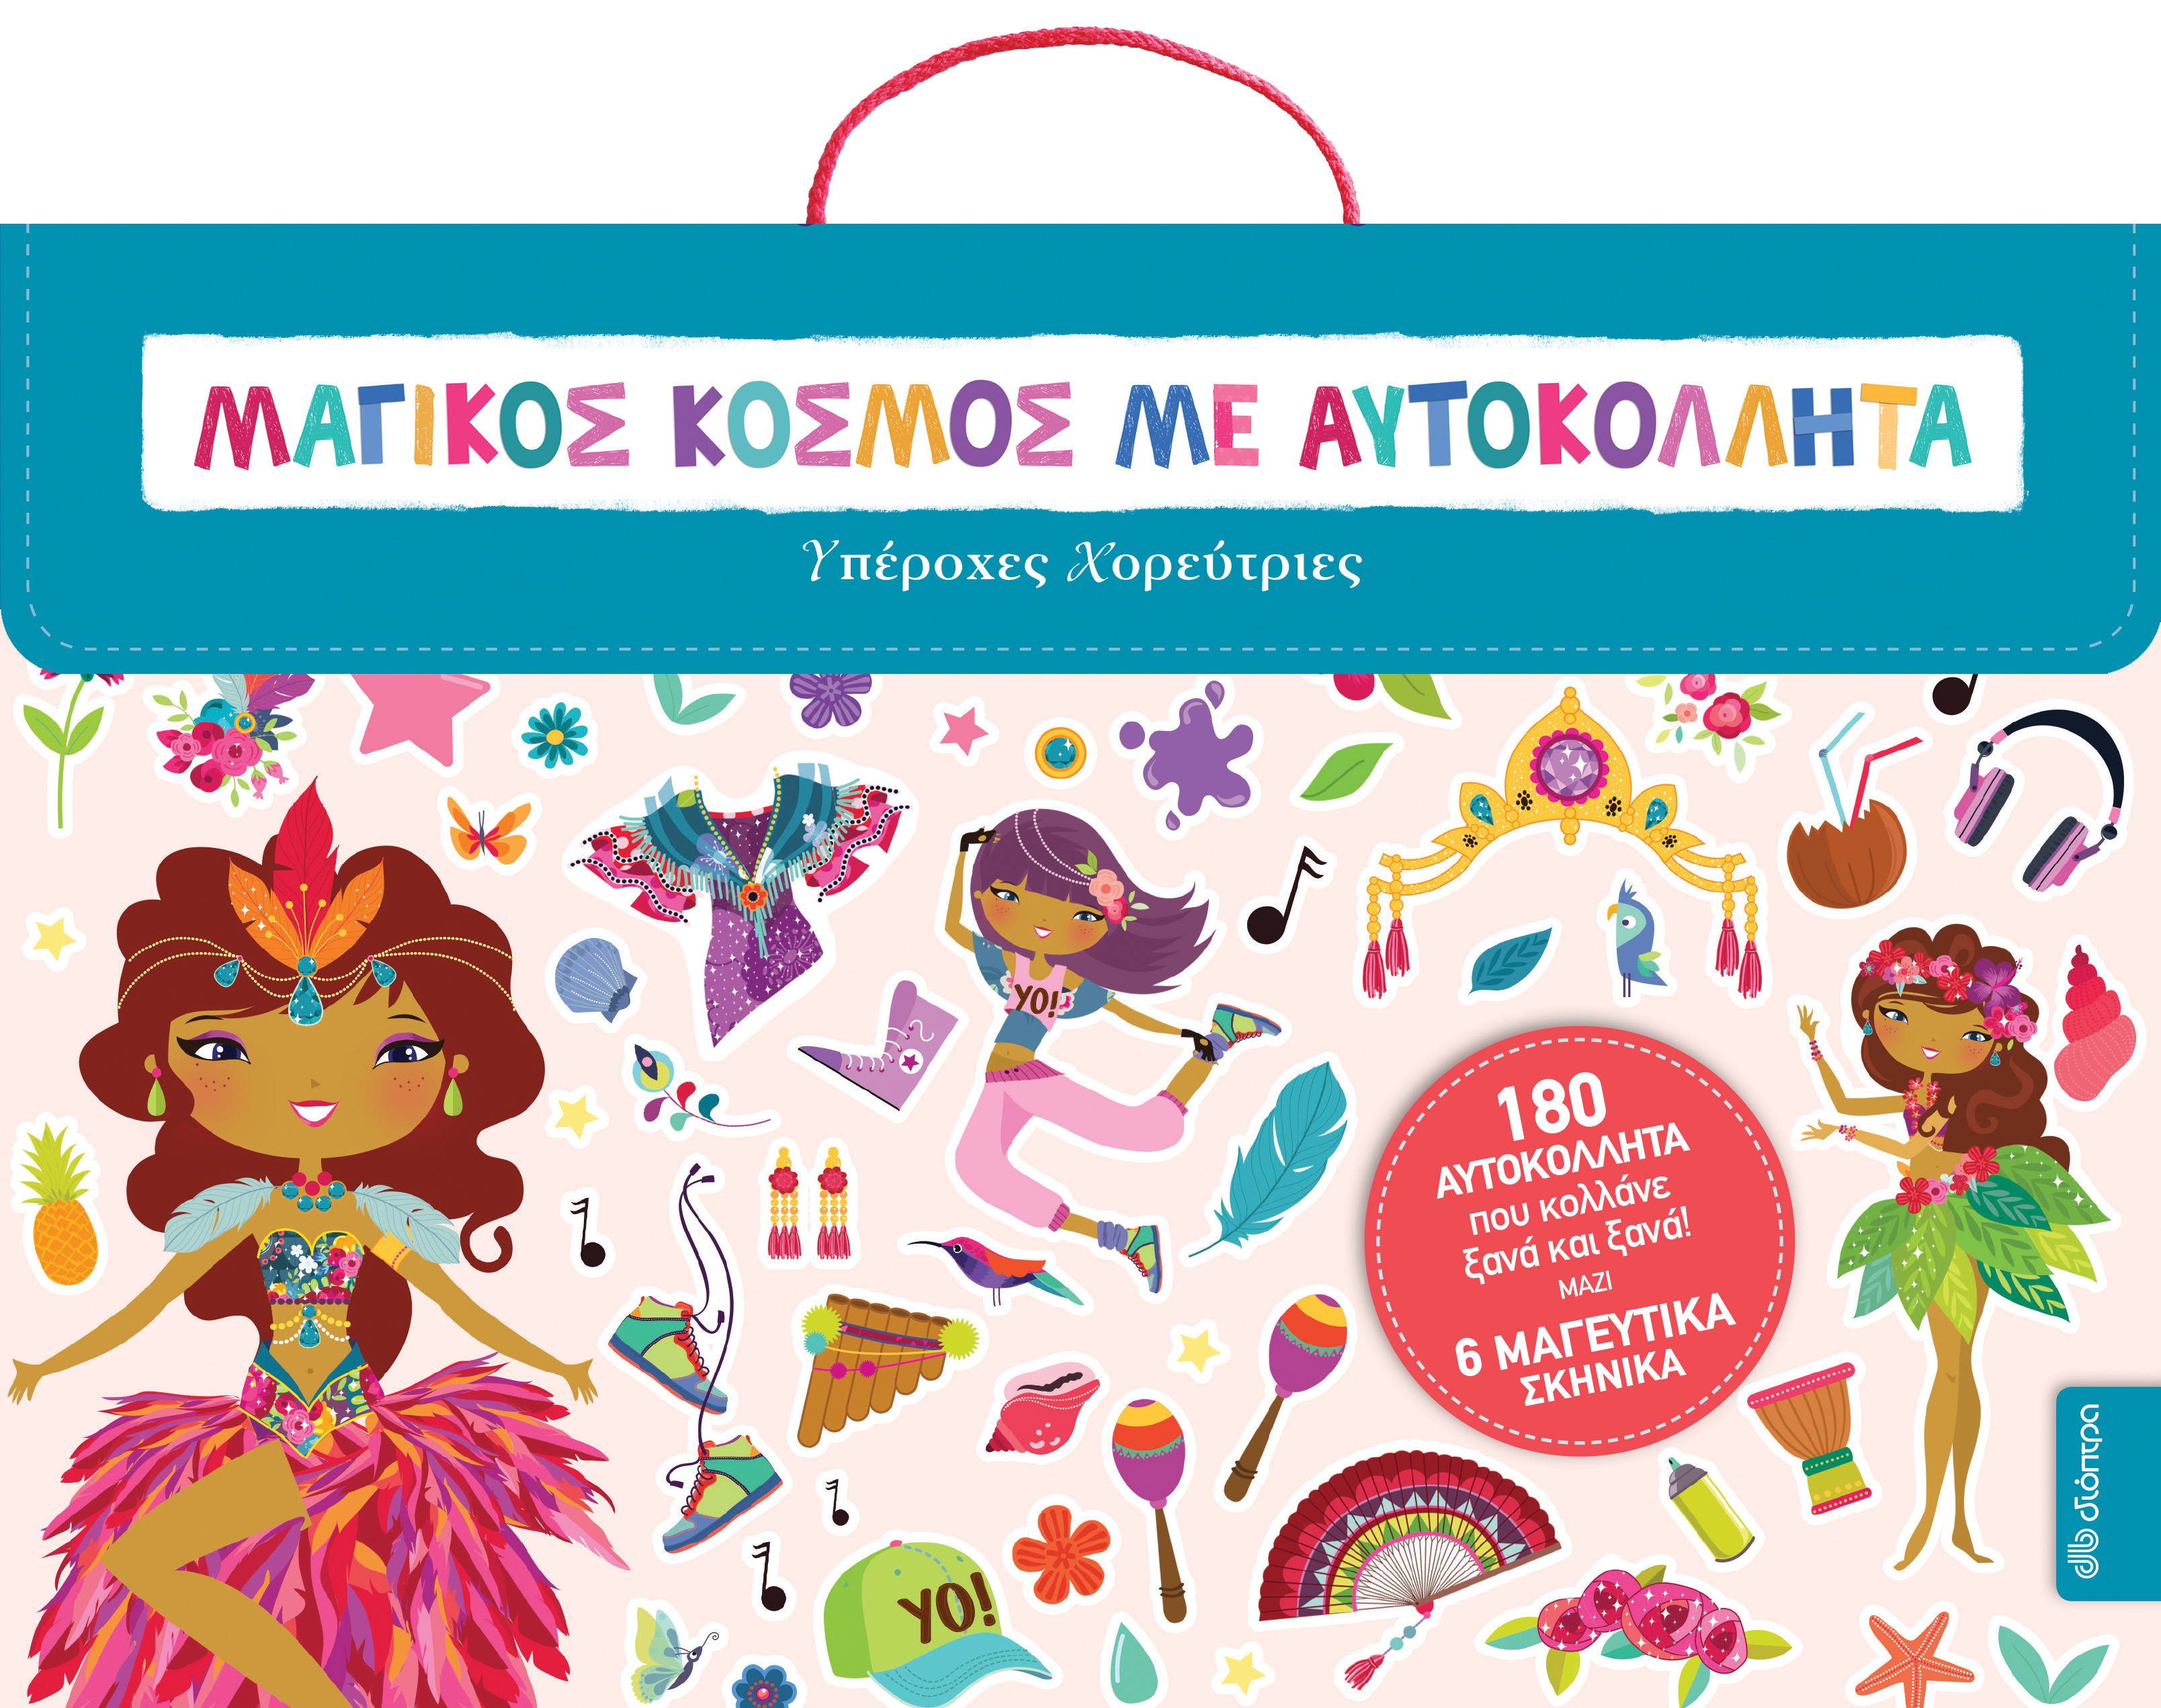 Μαγικός κόσμος με αυτοκόλλητα - υπέροχες χορεύτριες παιδικά βιβλία